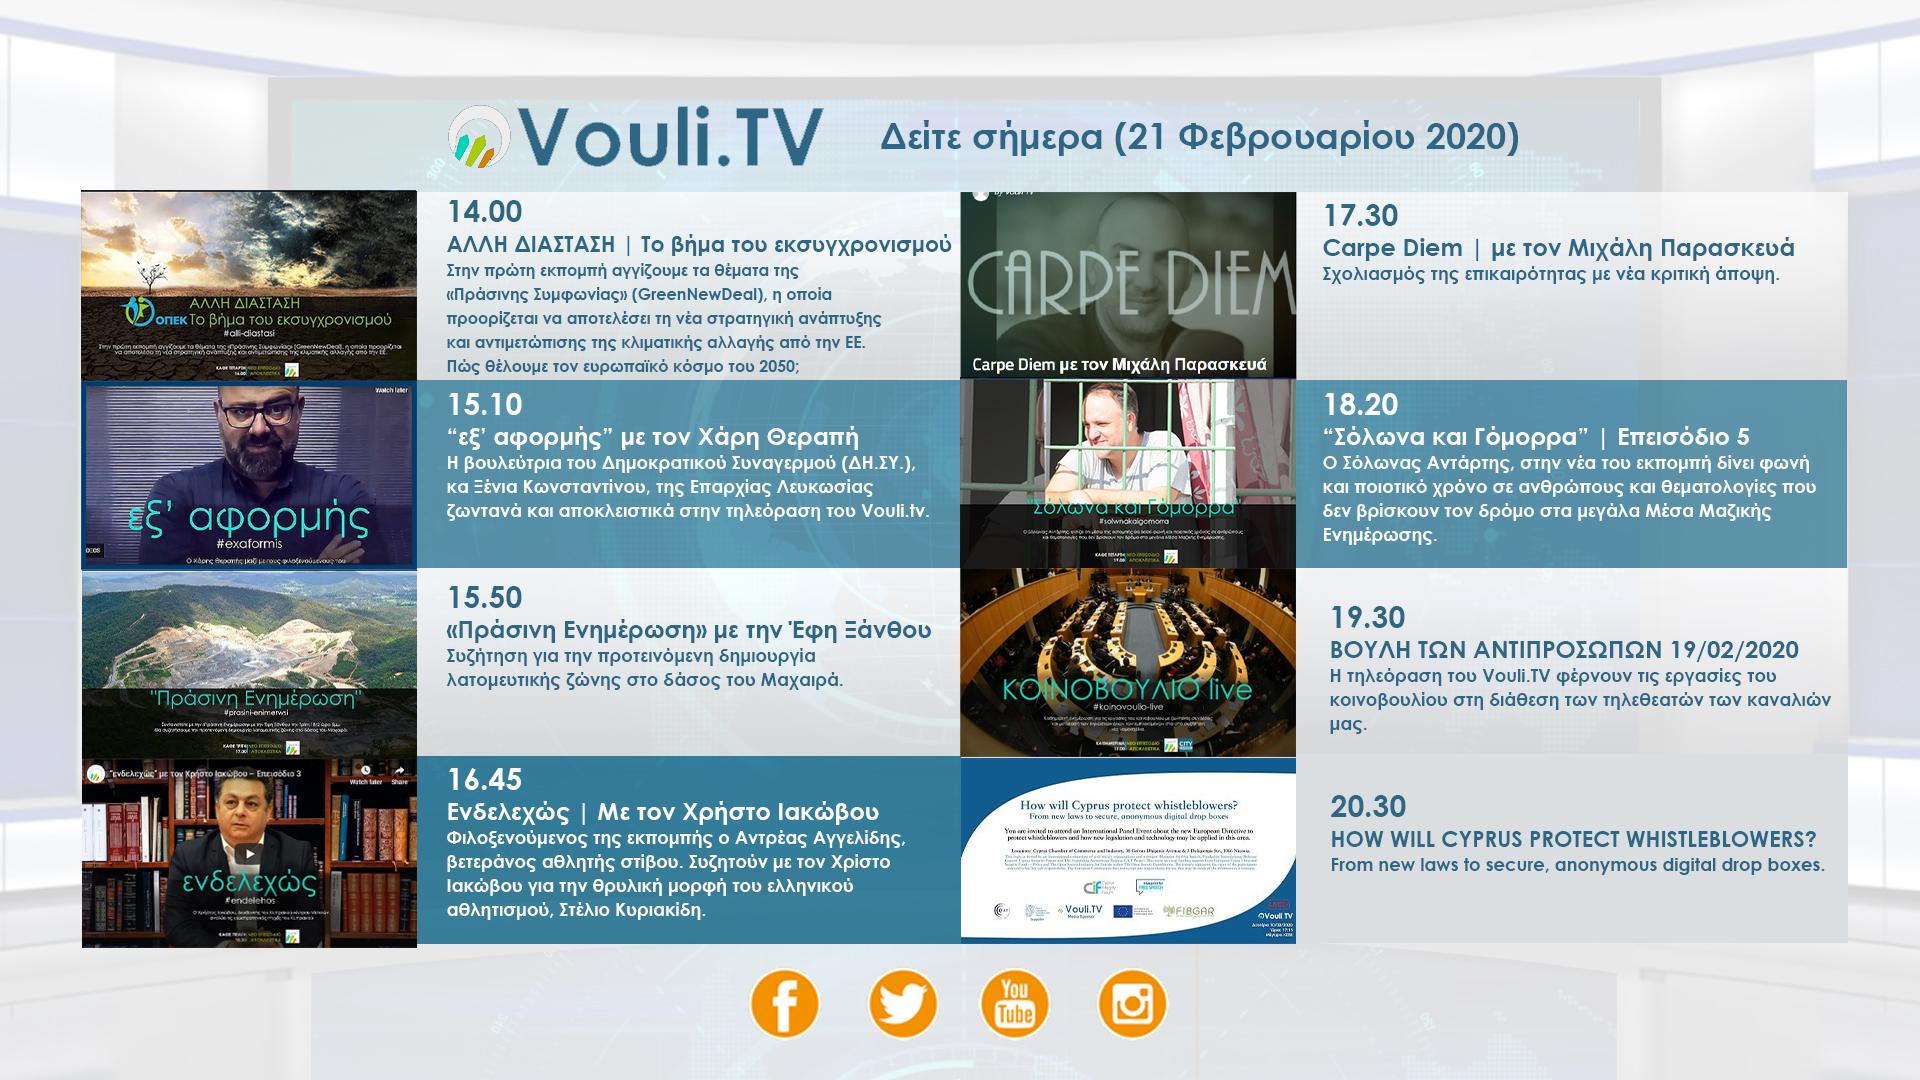 ΔΕΙΤΕ ΣΗΜΕΡΑ (21/2) ΑΠΟ ΤΟ VOULI.TV